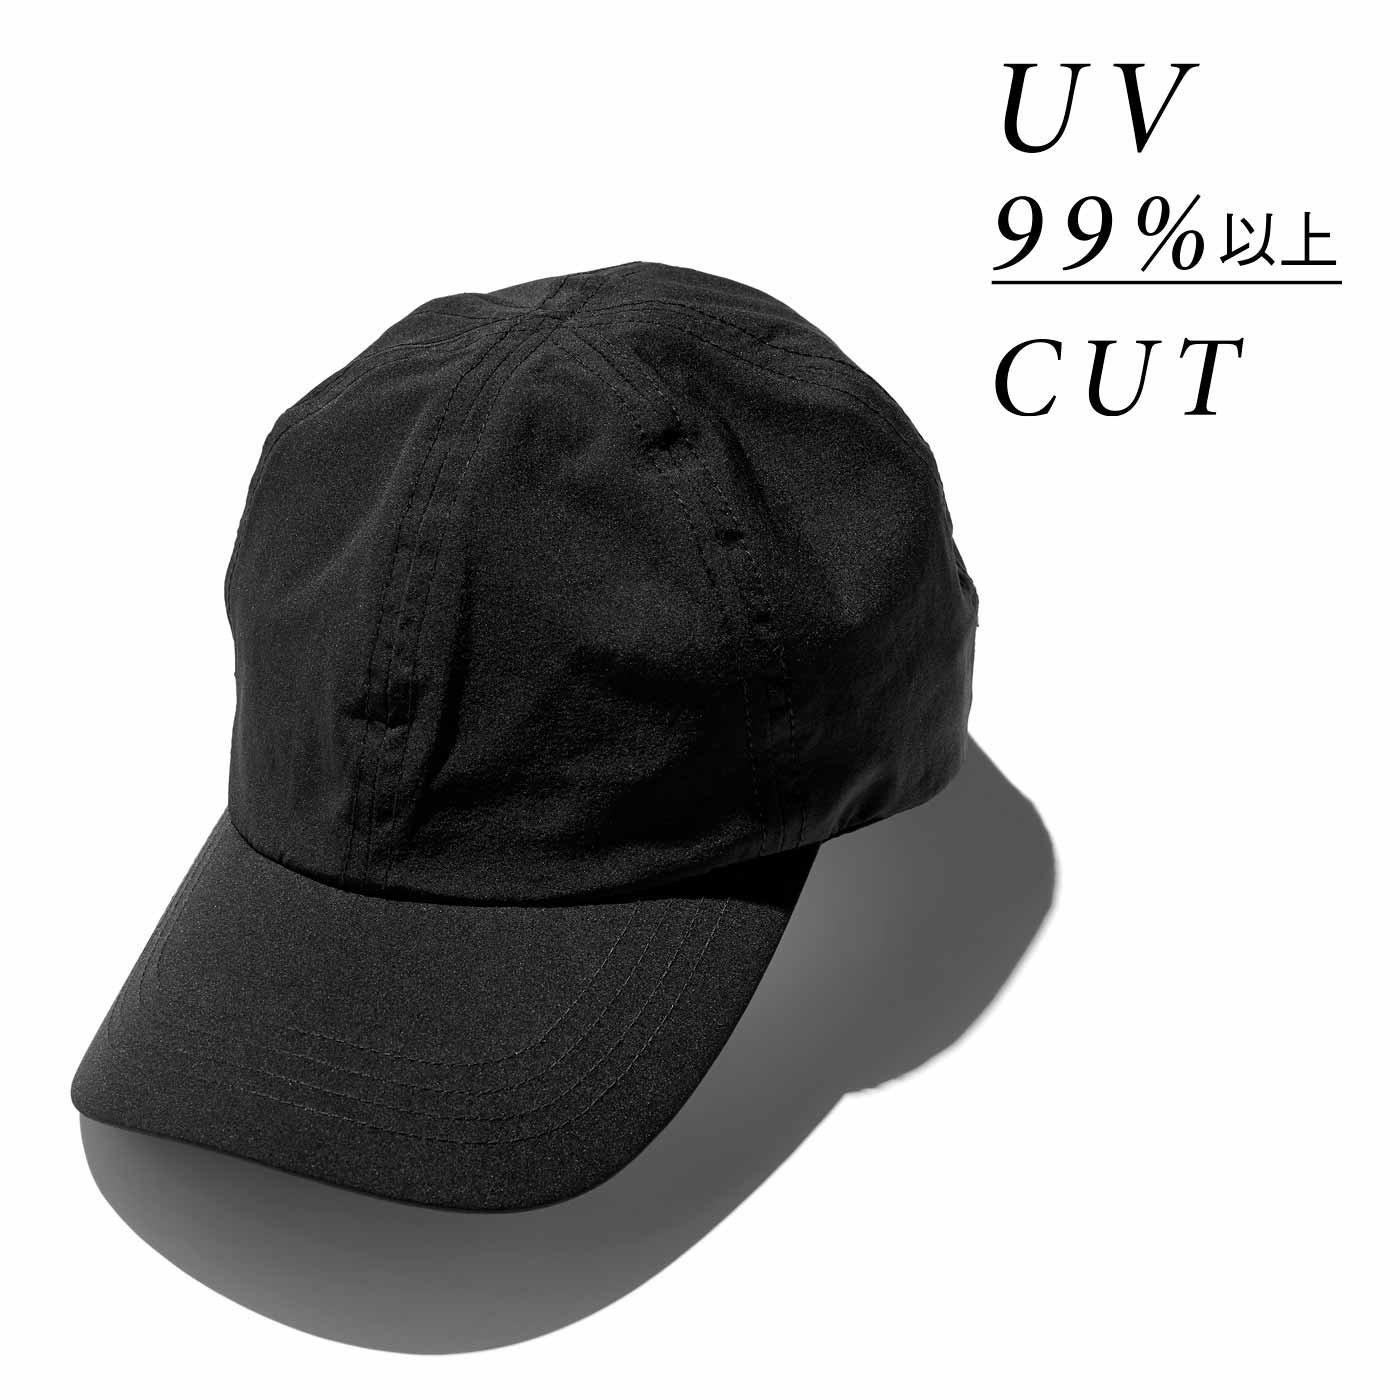 IEDIT[イディット] 福田麻琴さんコラボ 大人きれいめキャップ〈ブラック〉